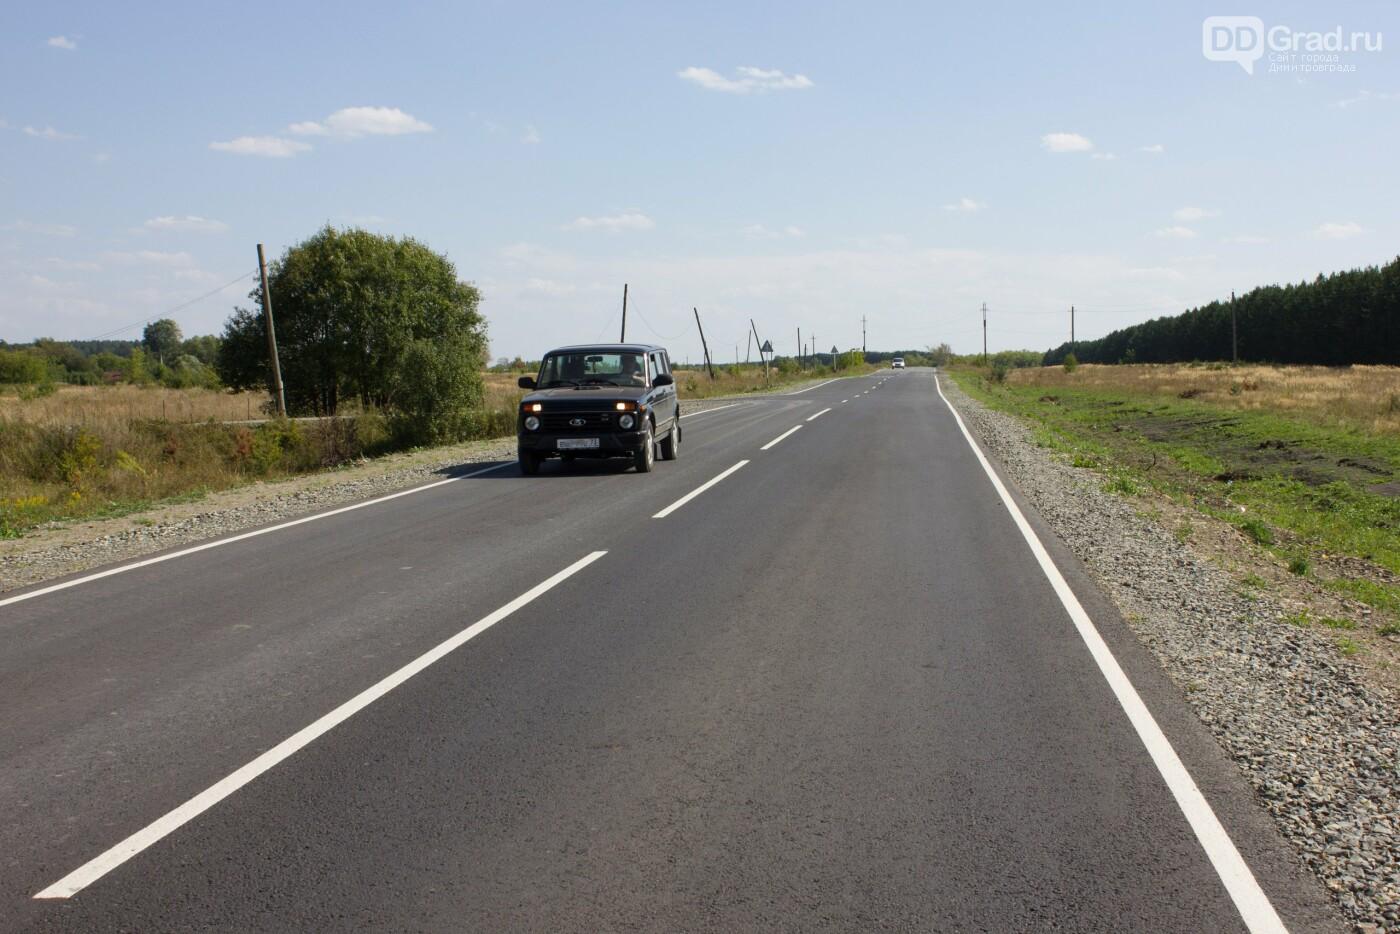 В Ульяновской области подвели предварительные итоги проекта создания безопасной дорожной сети, фото-3